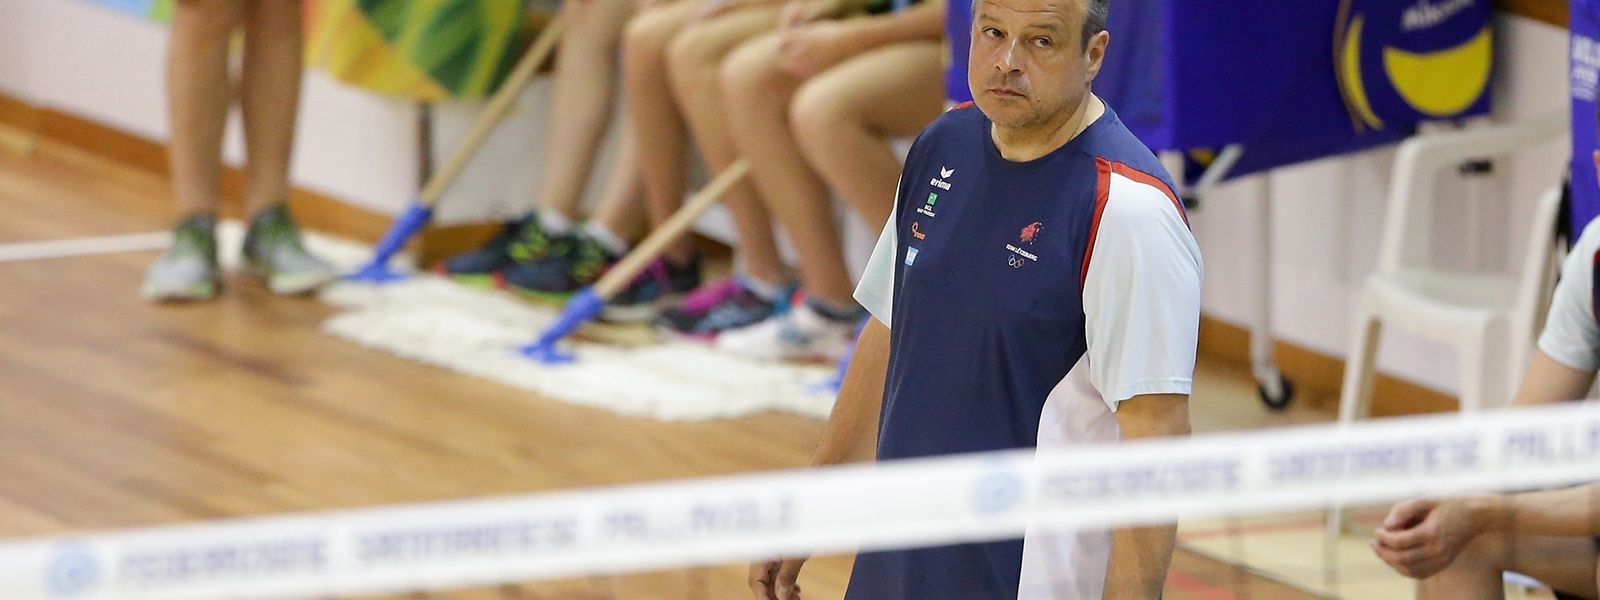 Detlev Schönberg wird Ende Juni zum letzten Mal als Frauen-Nationaltrainer amtieren.